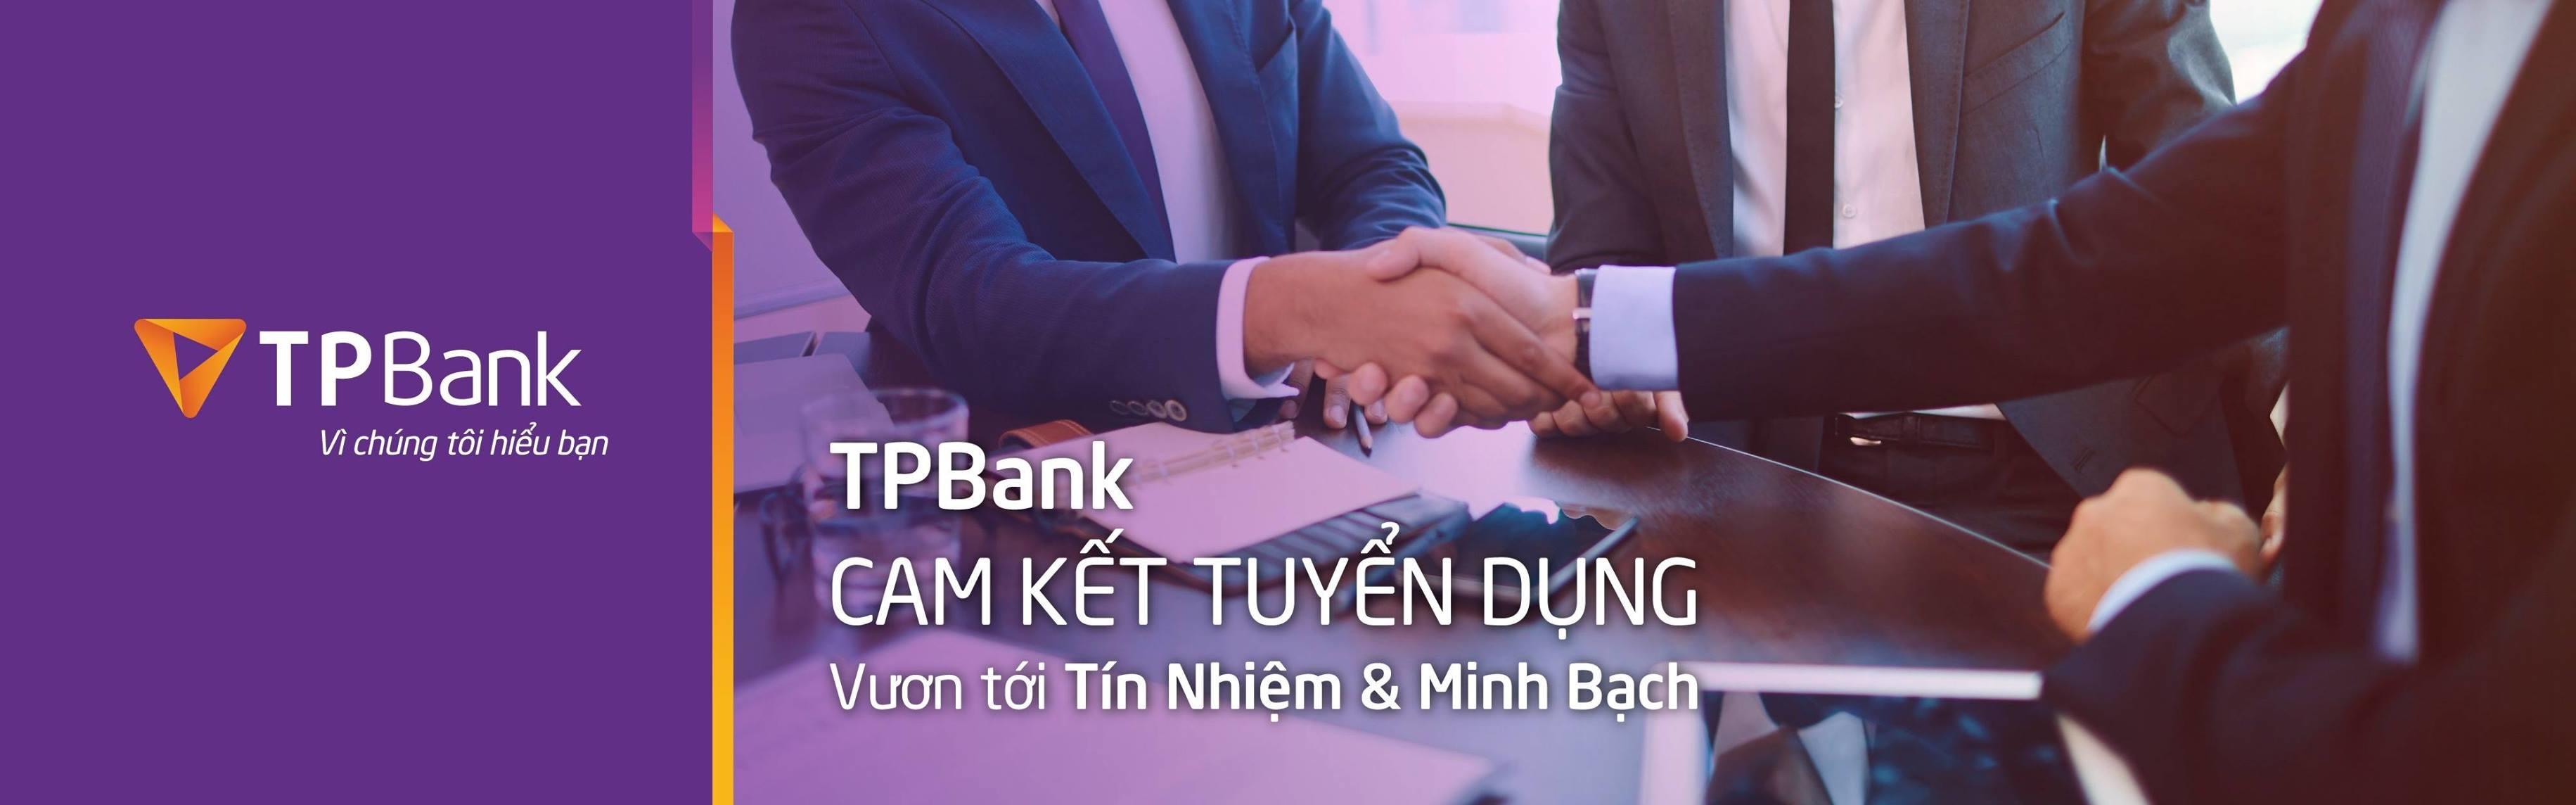 tpbank-l